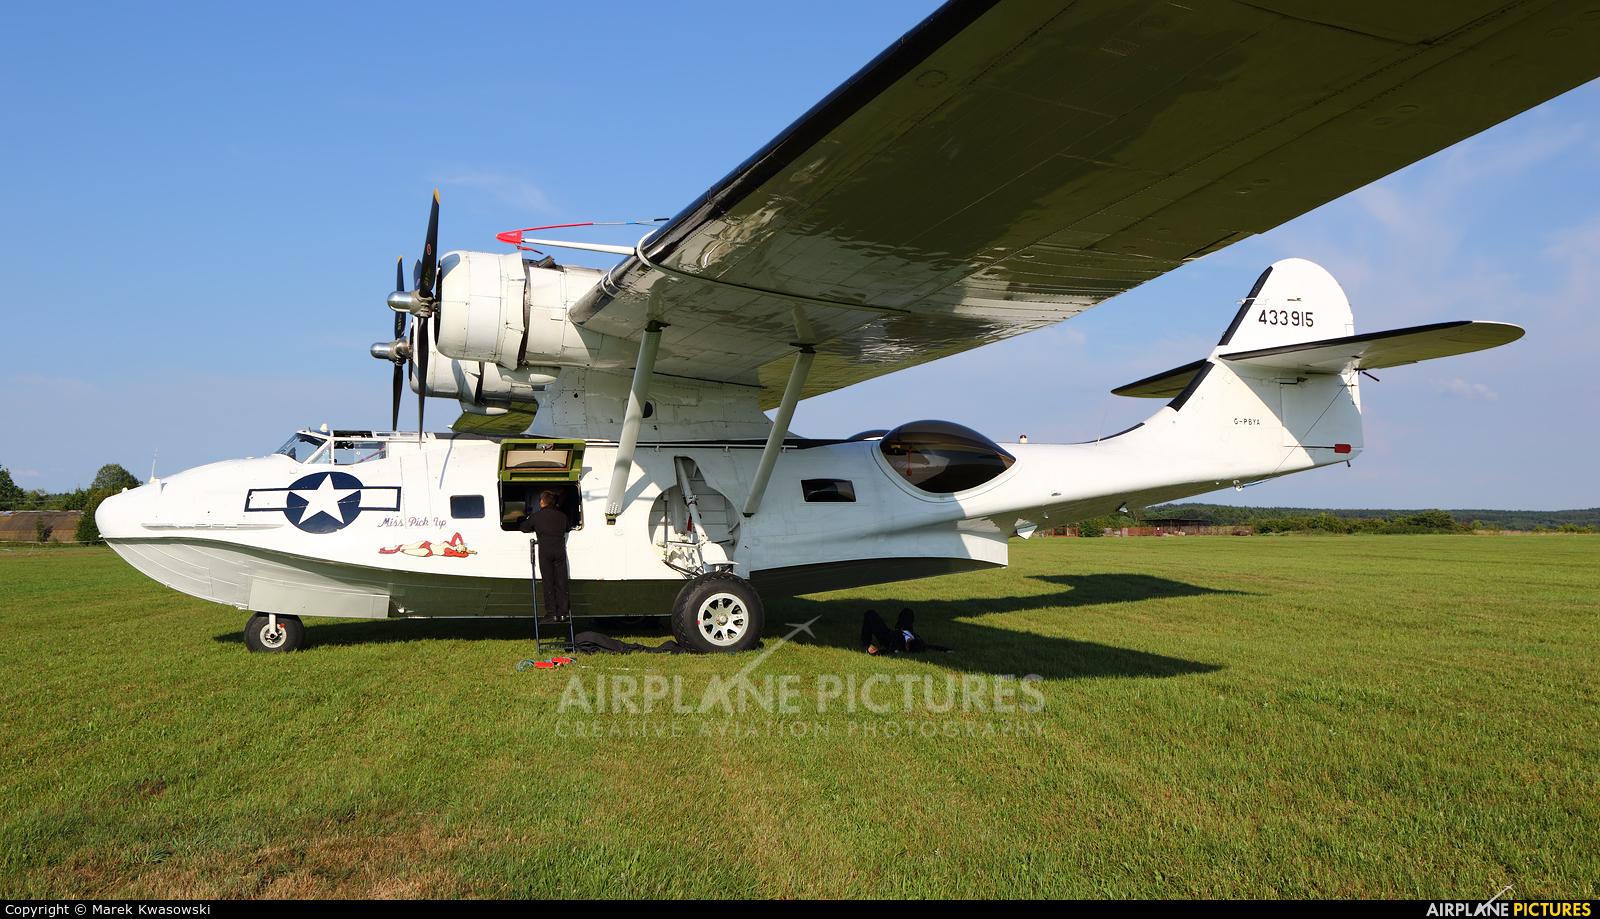 Catalina Aircraft G-PBYA aircraft at Kętrzyn - Wilamowo